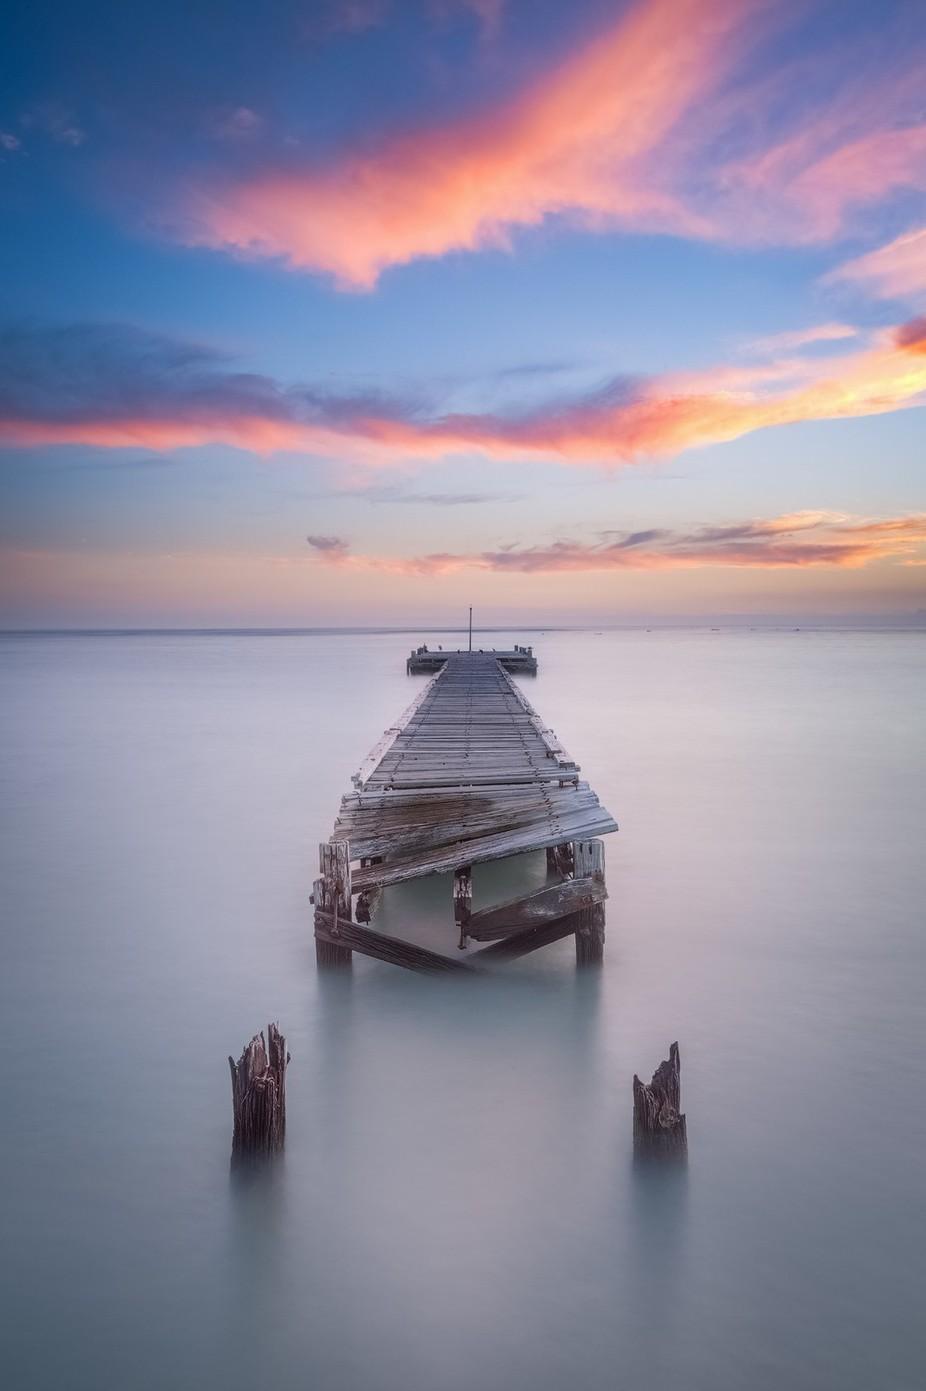 Strand Jetty by Bertus_ZA - Promenades And Boardwalks Photo Contest